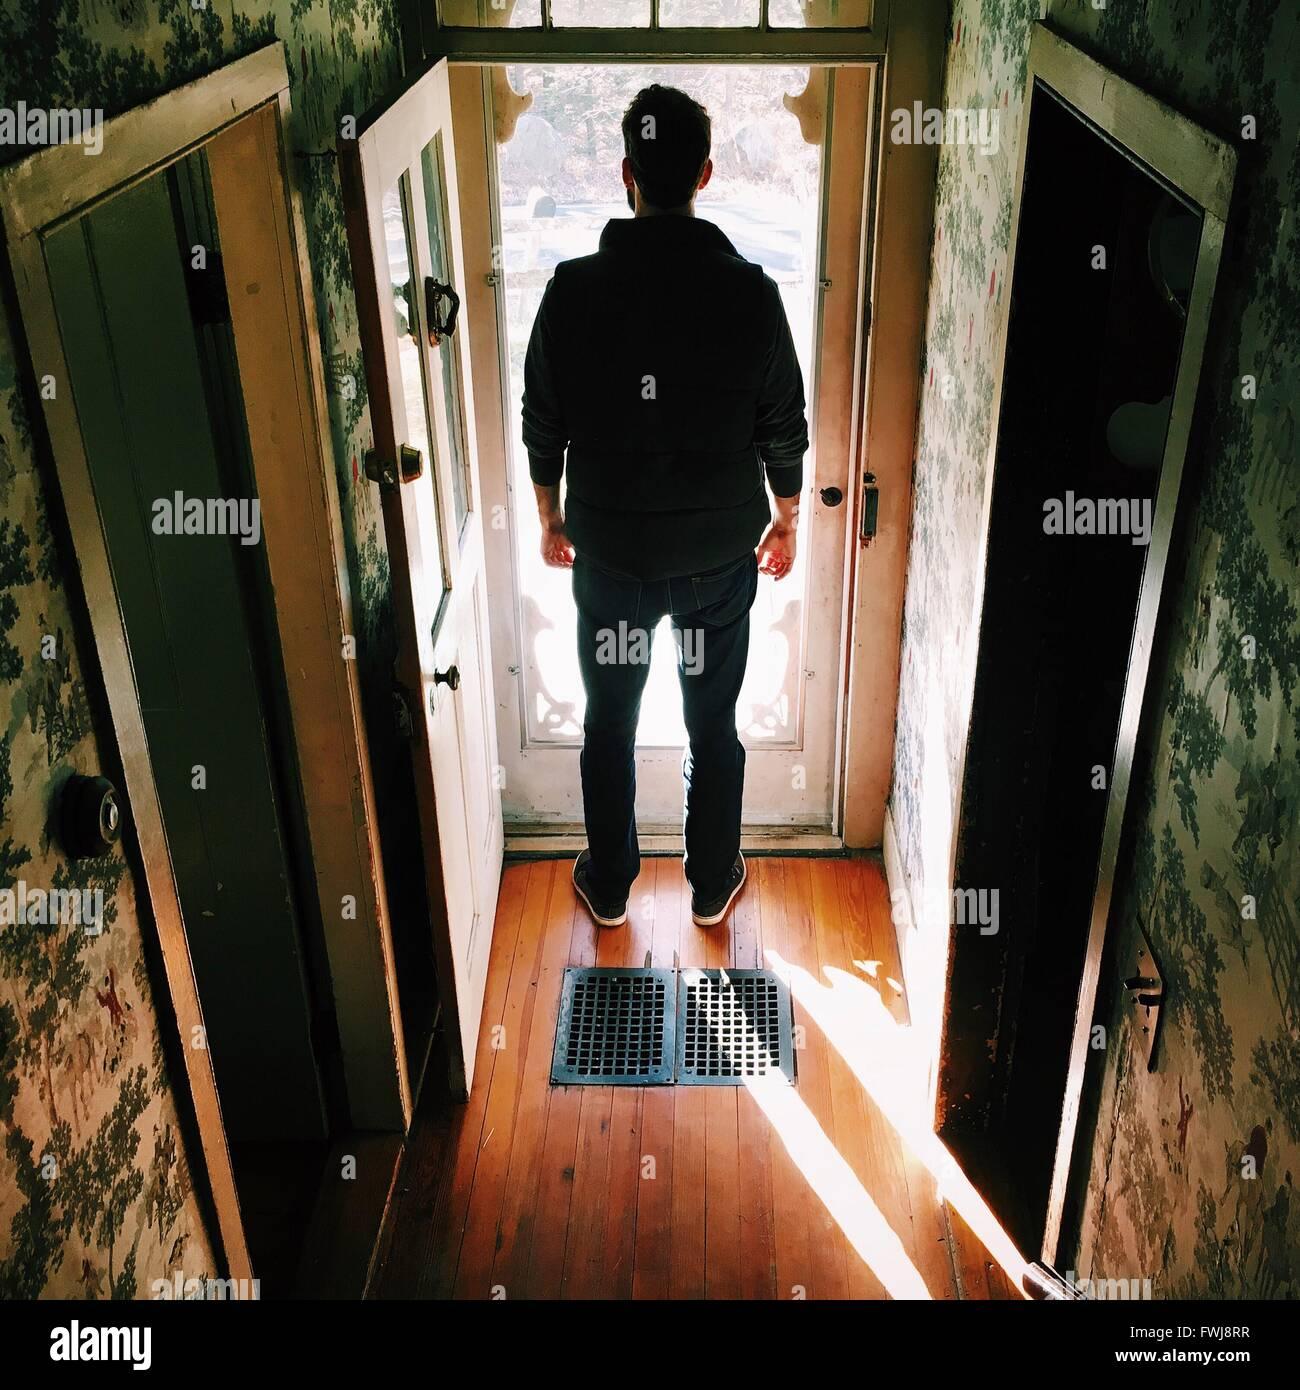 Vue arrière de l'homme debout sur la porte Photo Stock